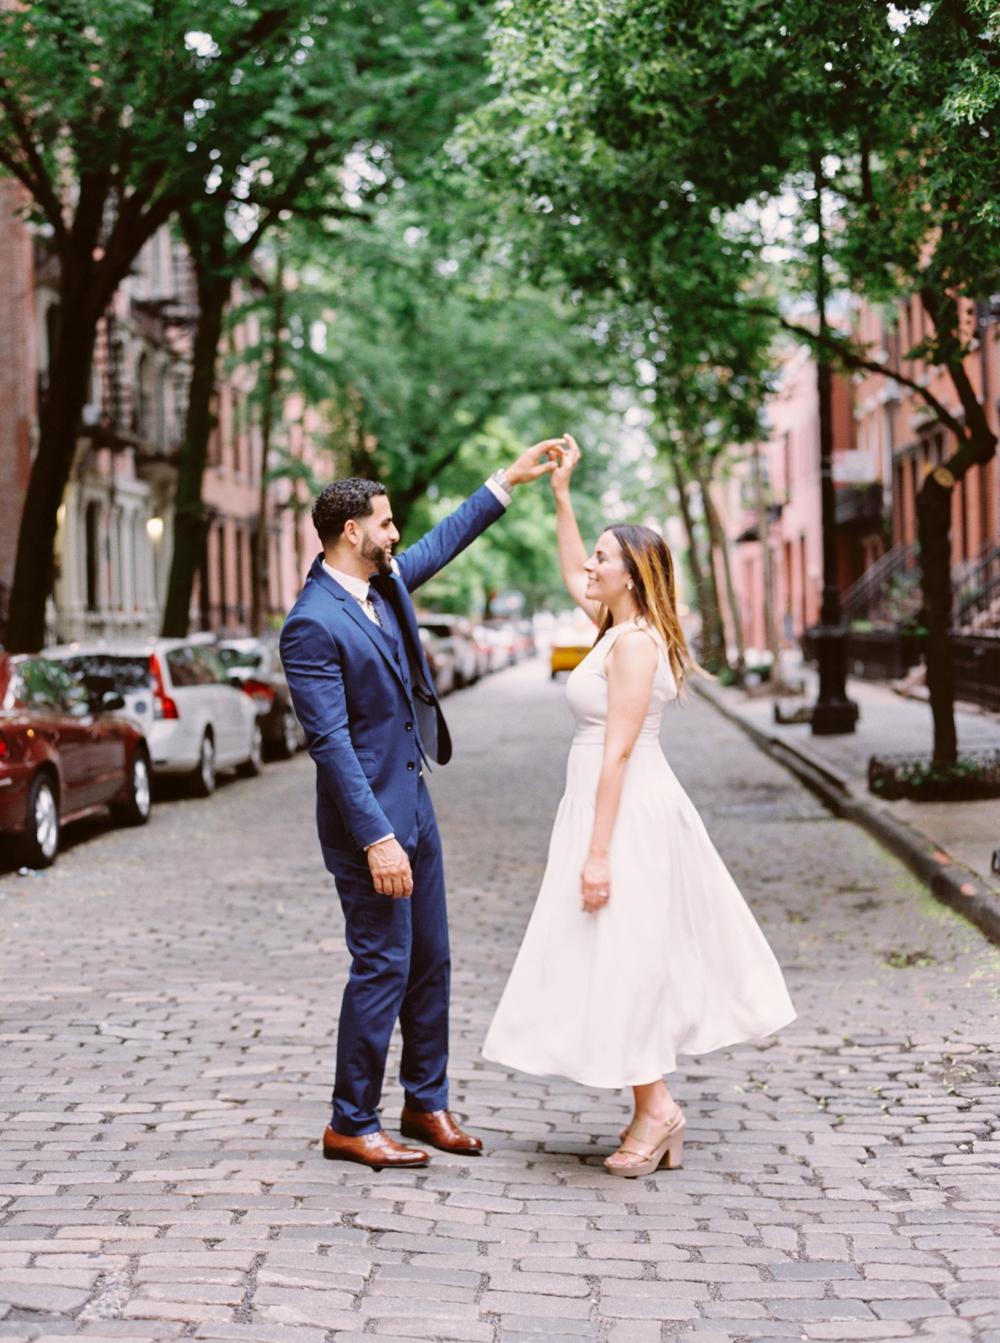 New York City High Line | Engagement Photography | Engagement Session | Amal & Muhamed | NYC Engagement Photos | Calgary Wedding Photographers